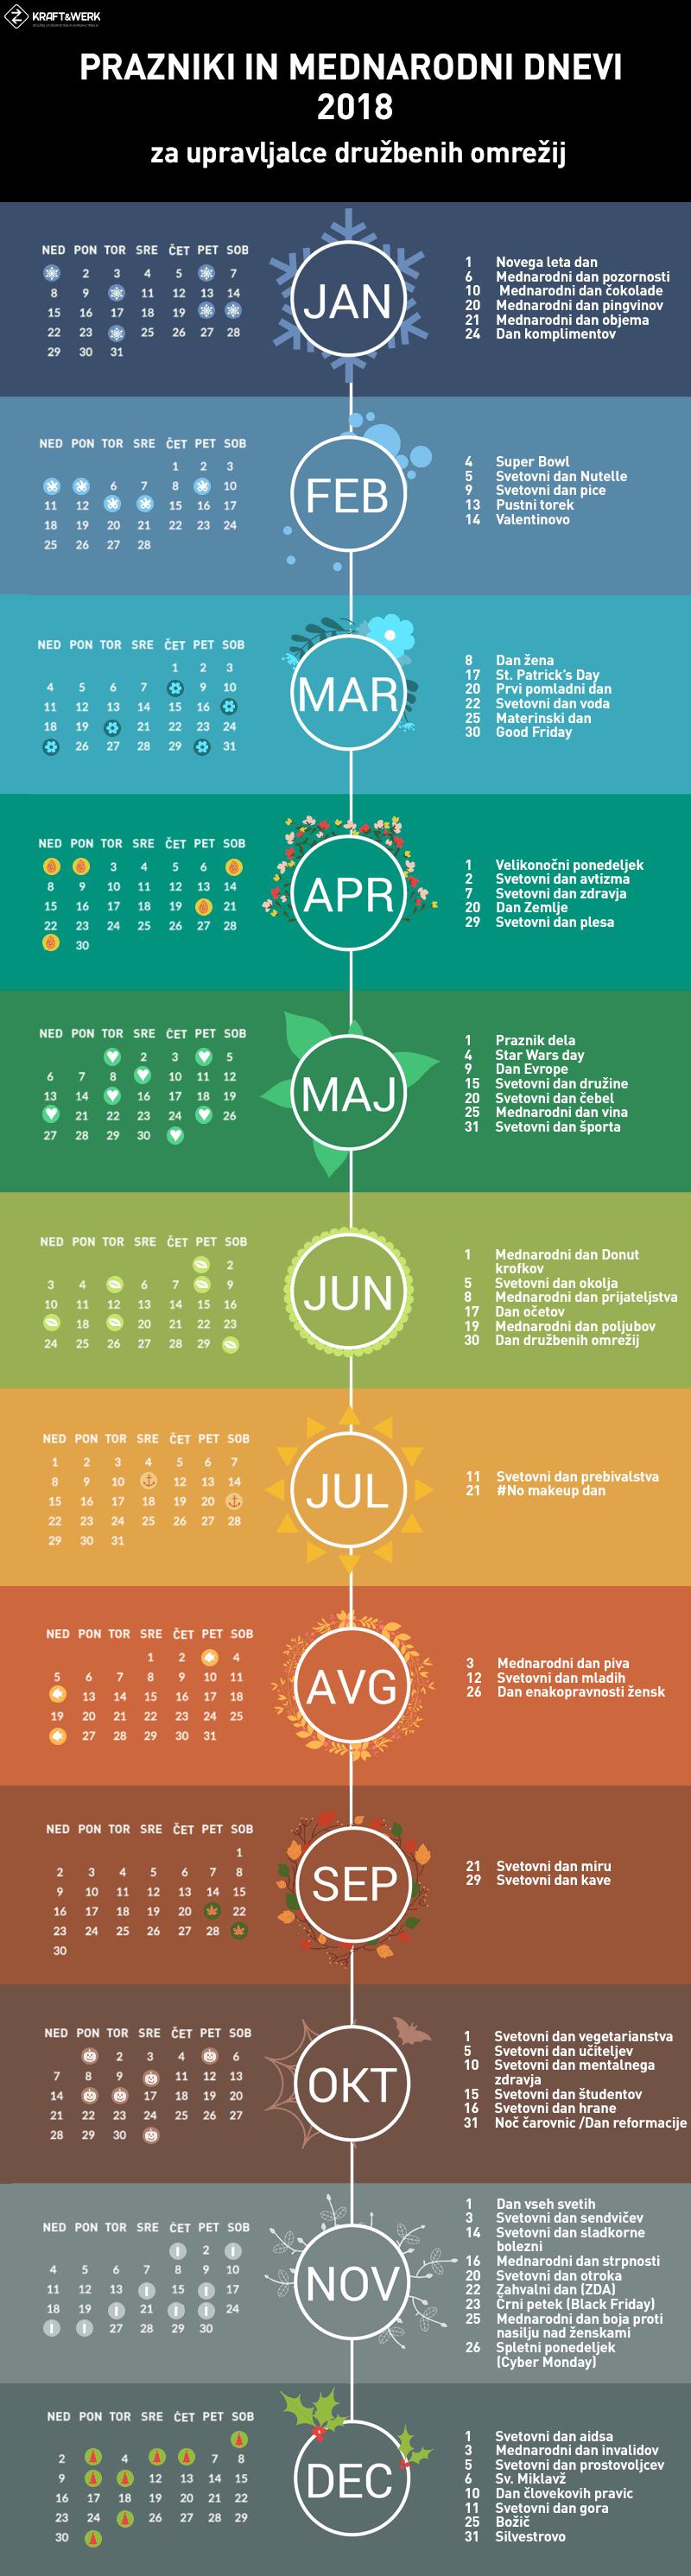 Seznam-praznikov-2018